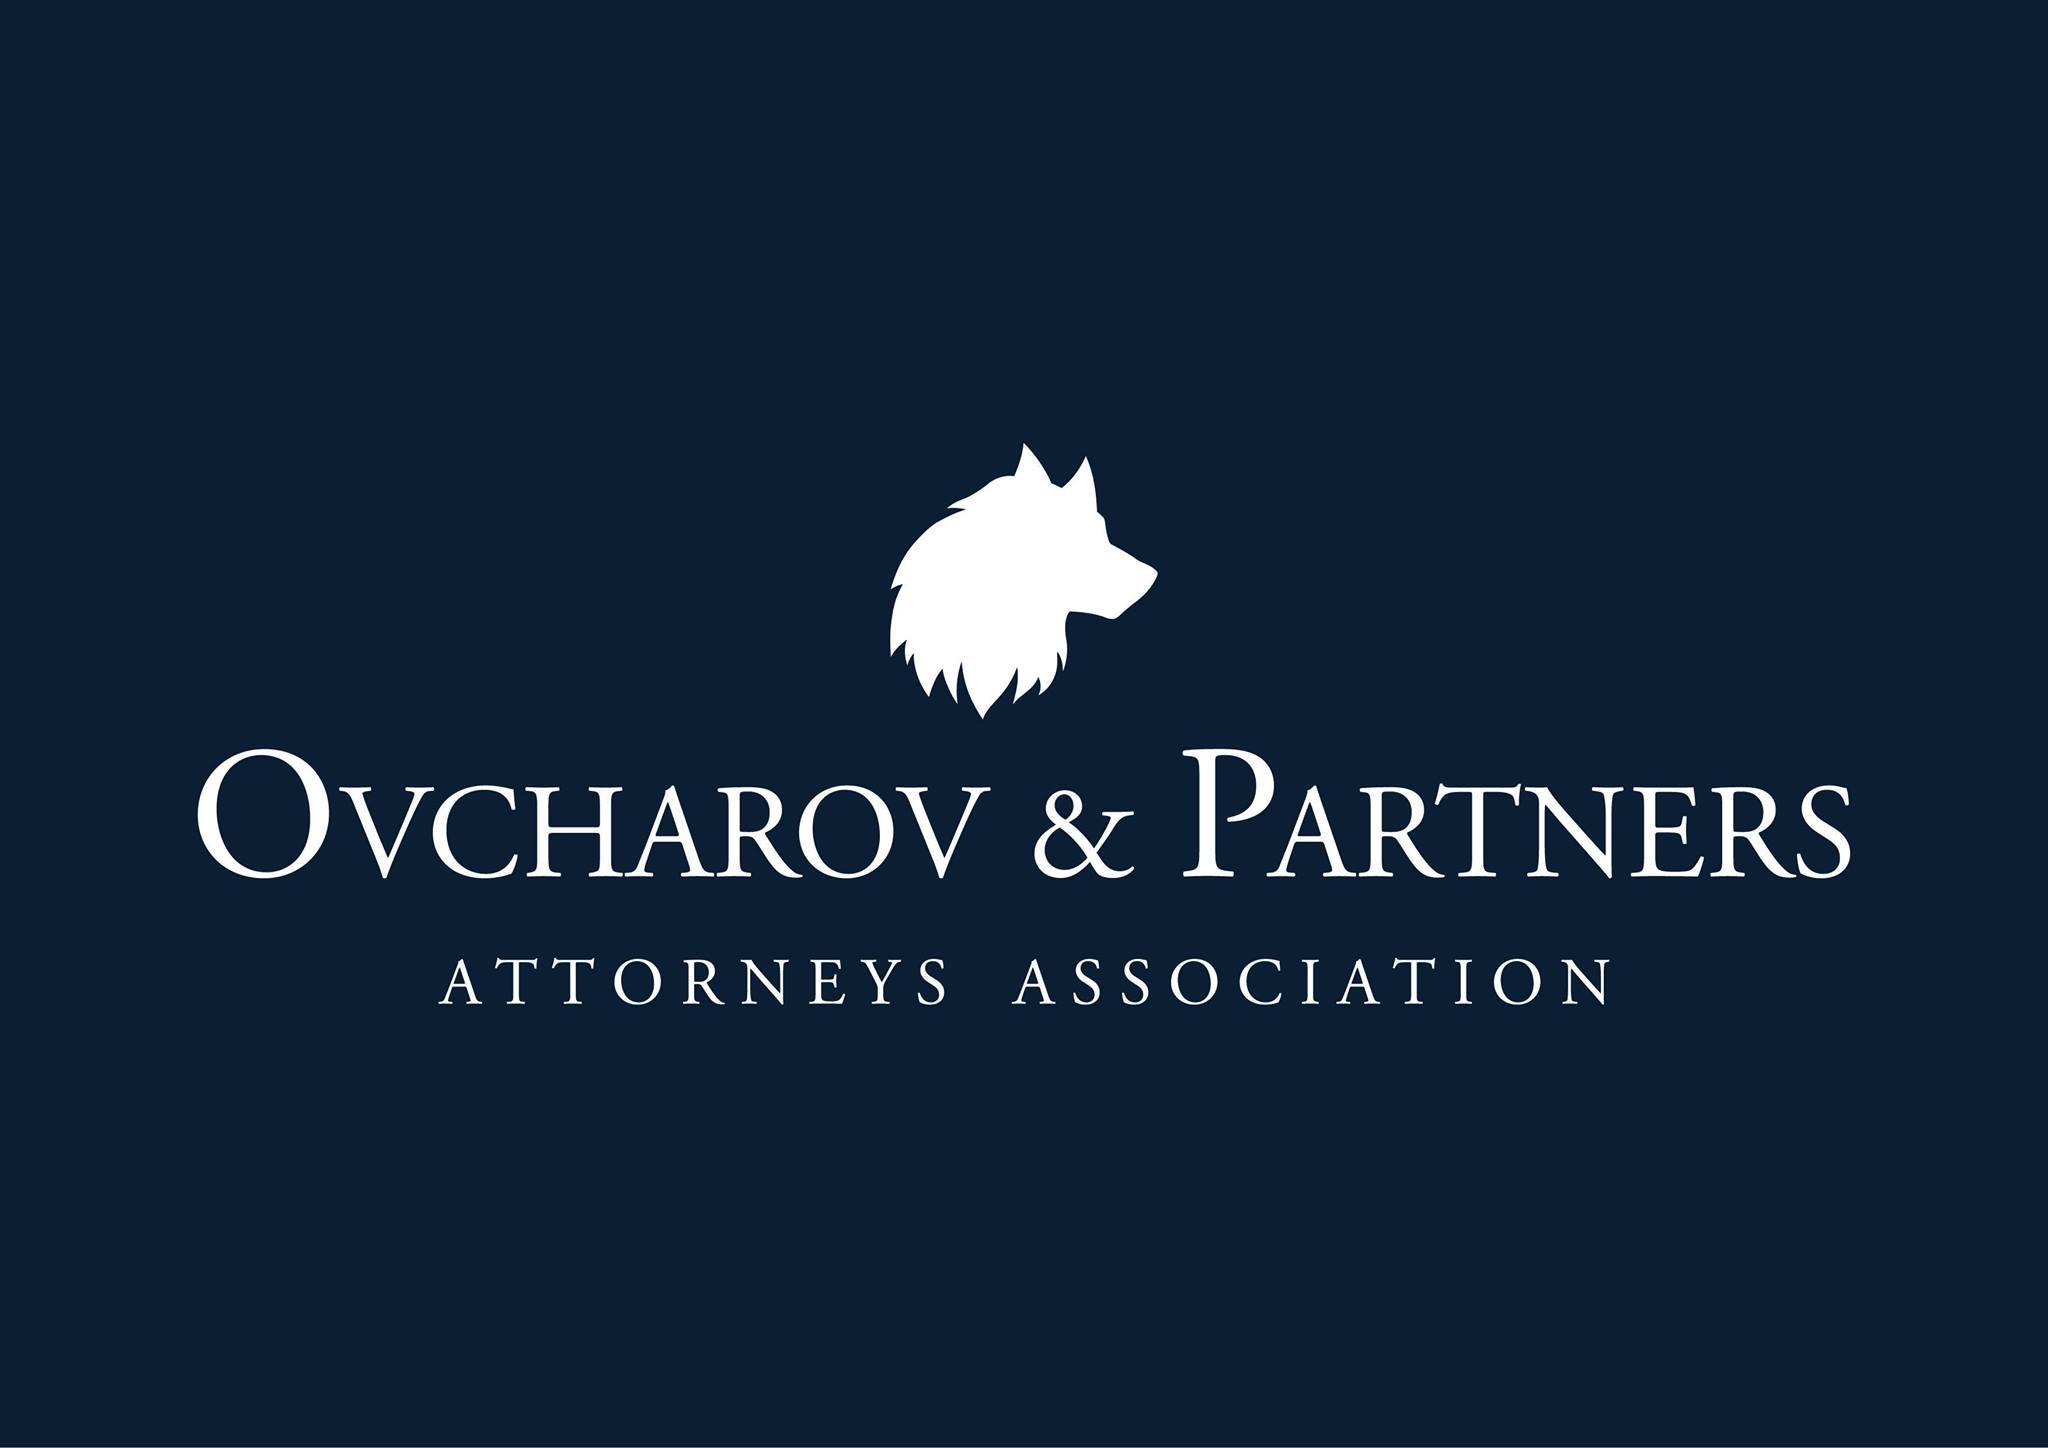 Ovcharov & Partners Attorneys Association